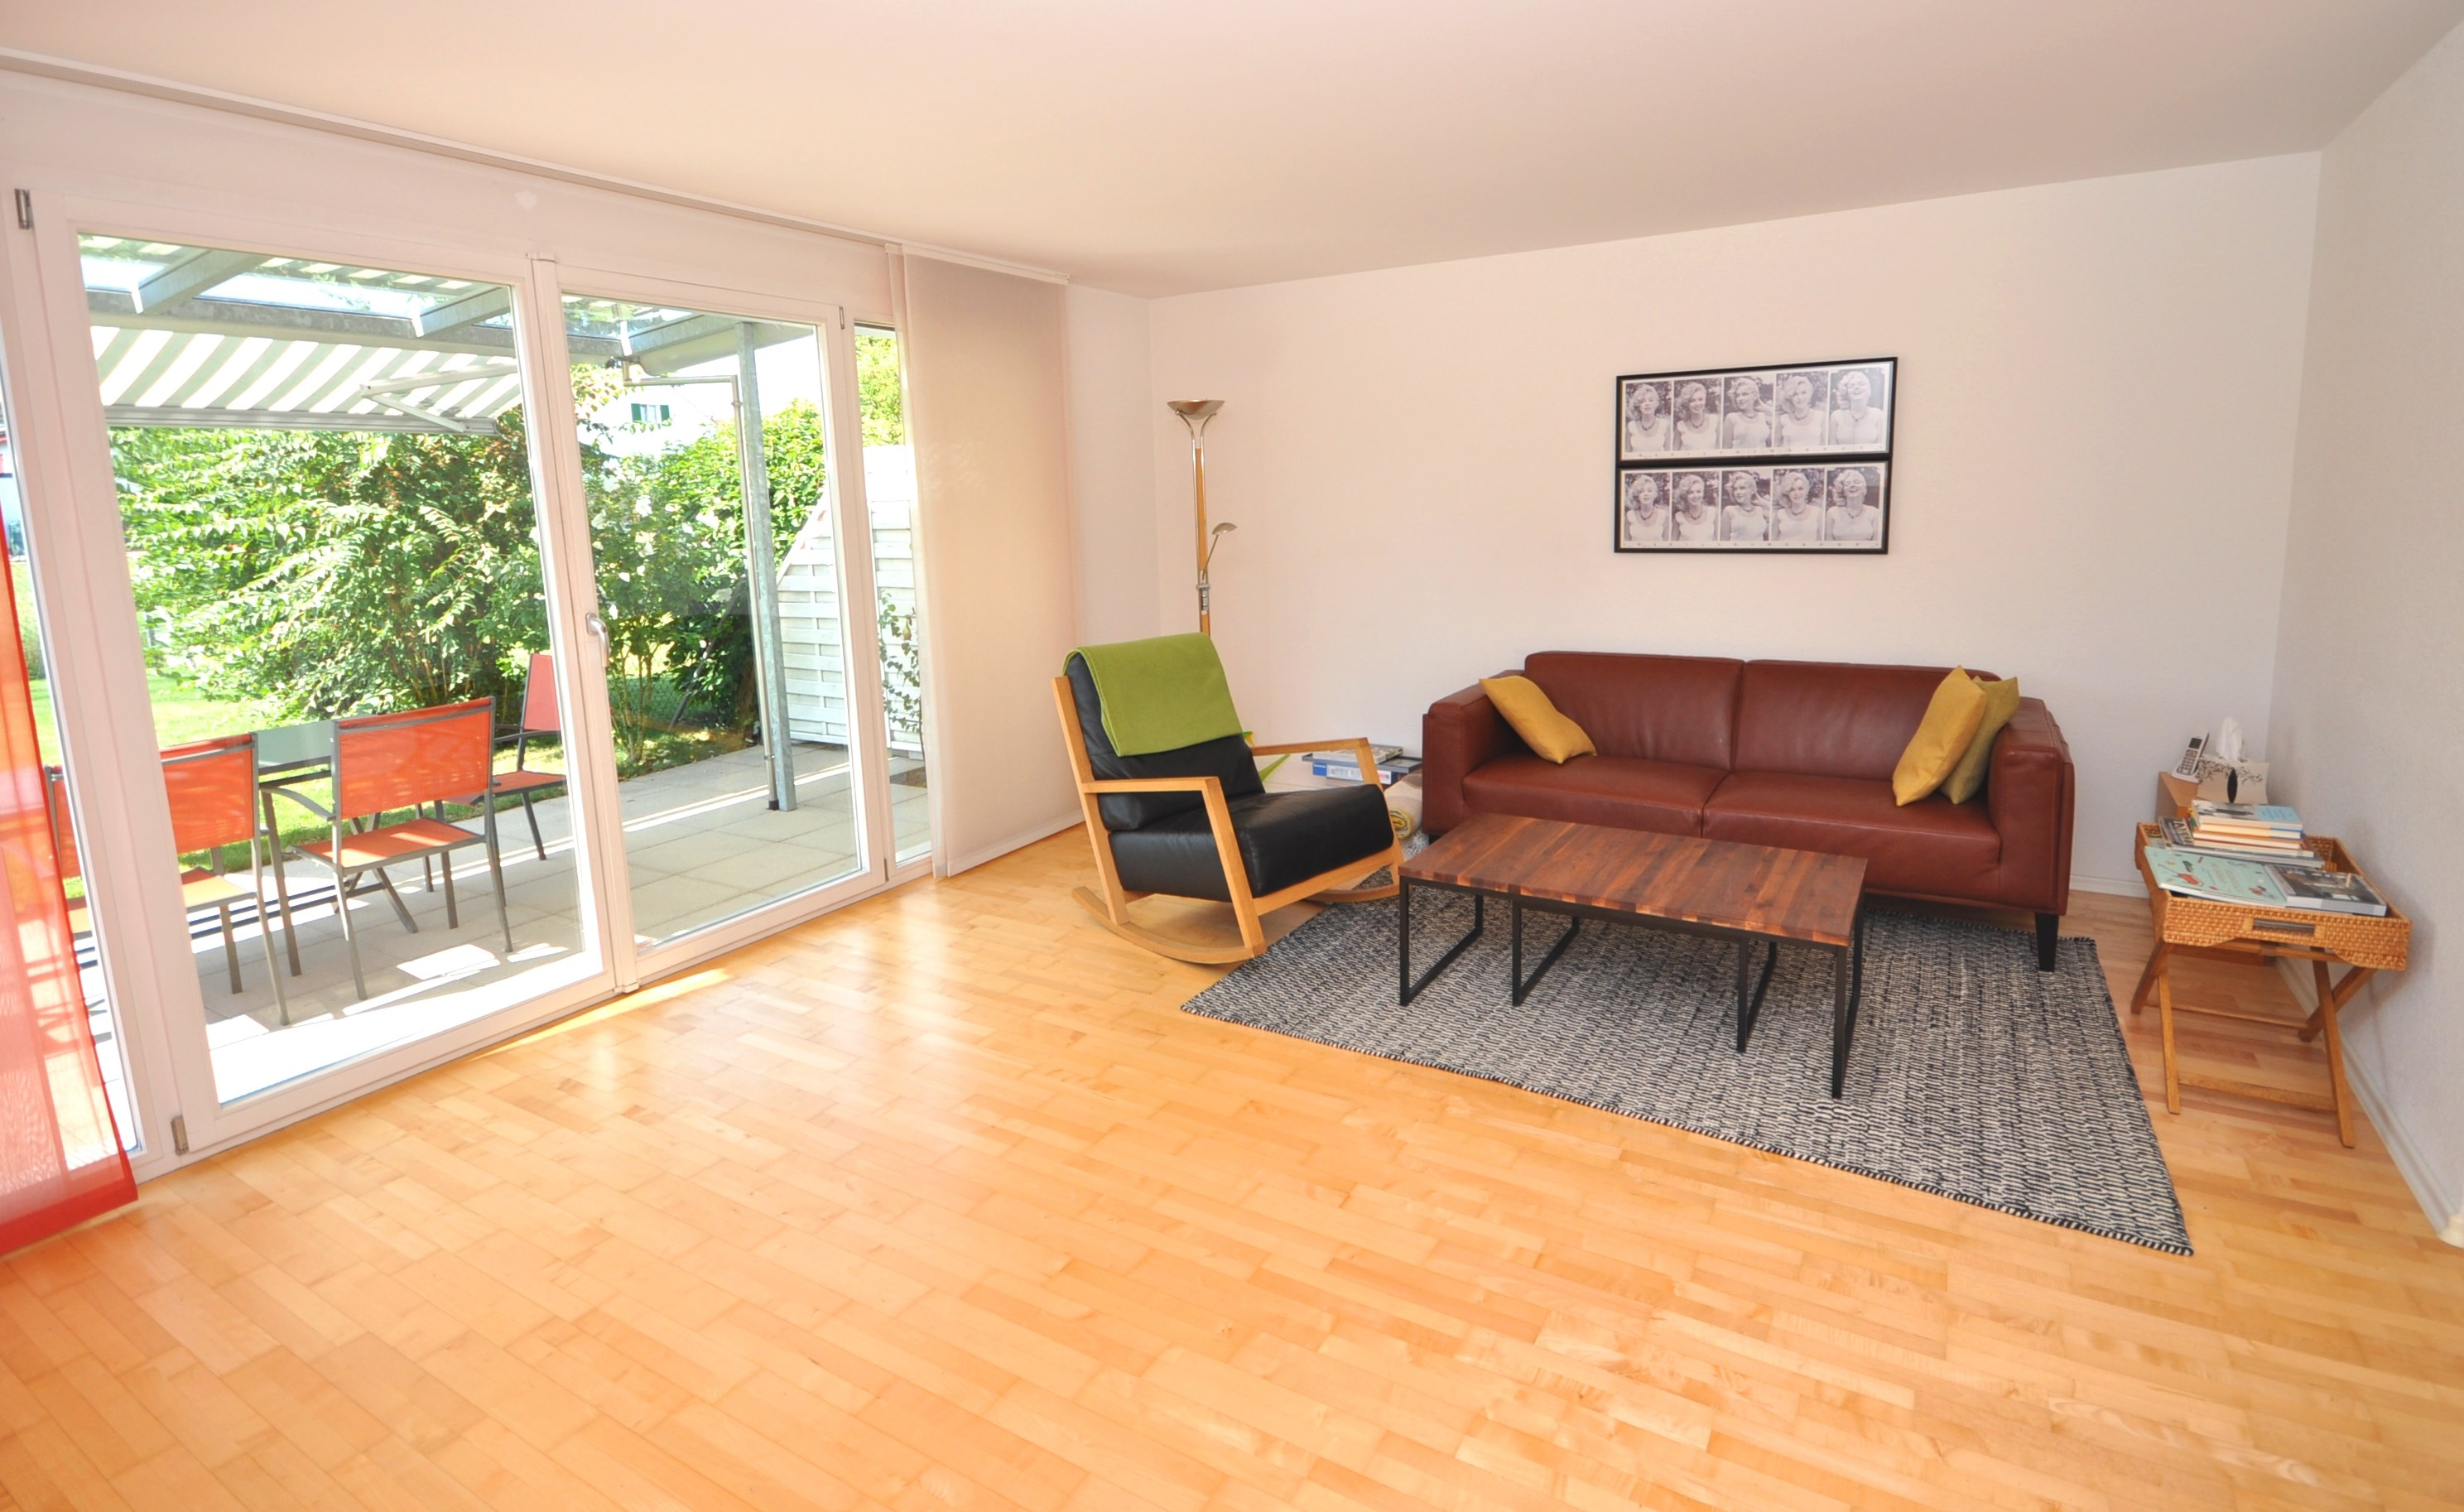 Wohnzimmer mit Ausgang zum Gartensitzplatz